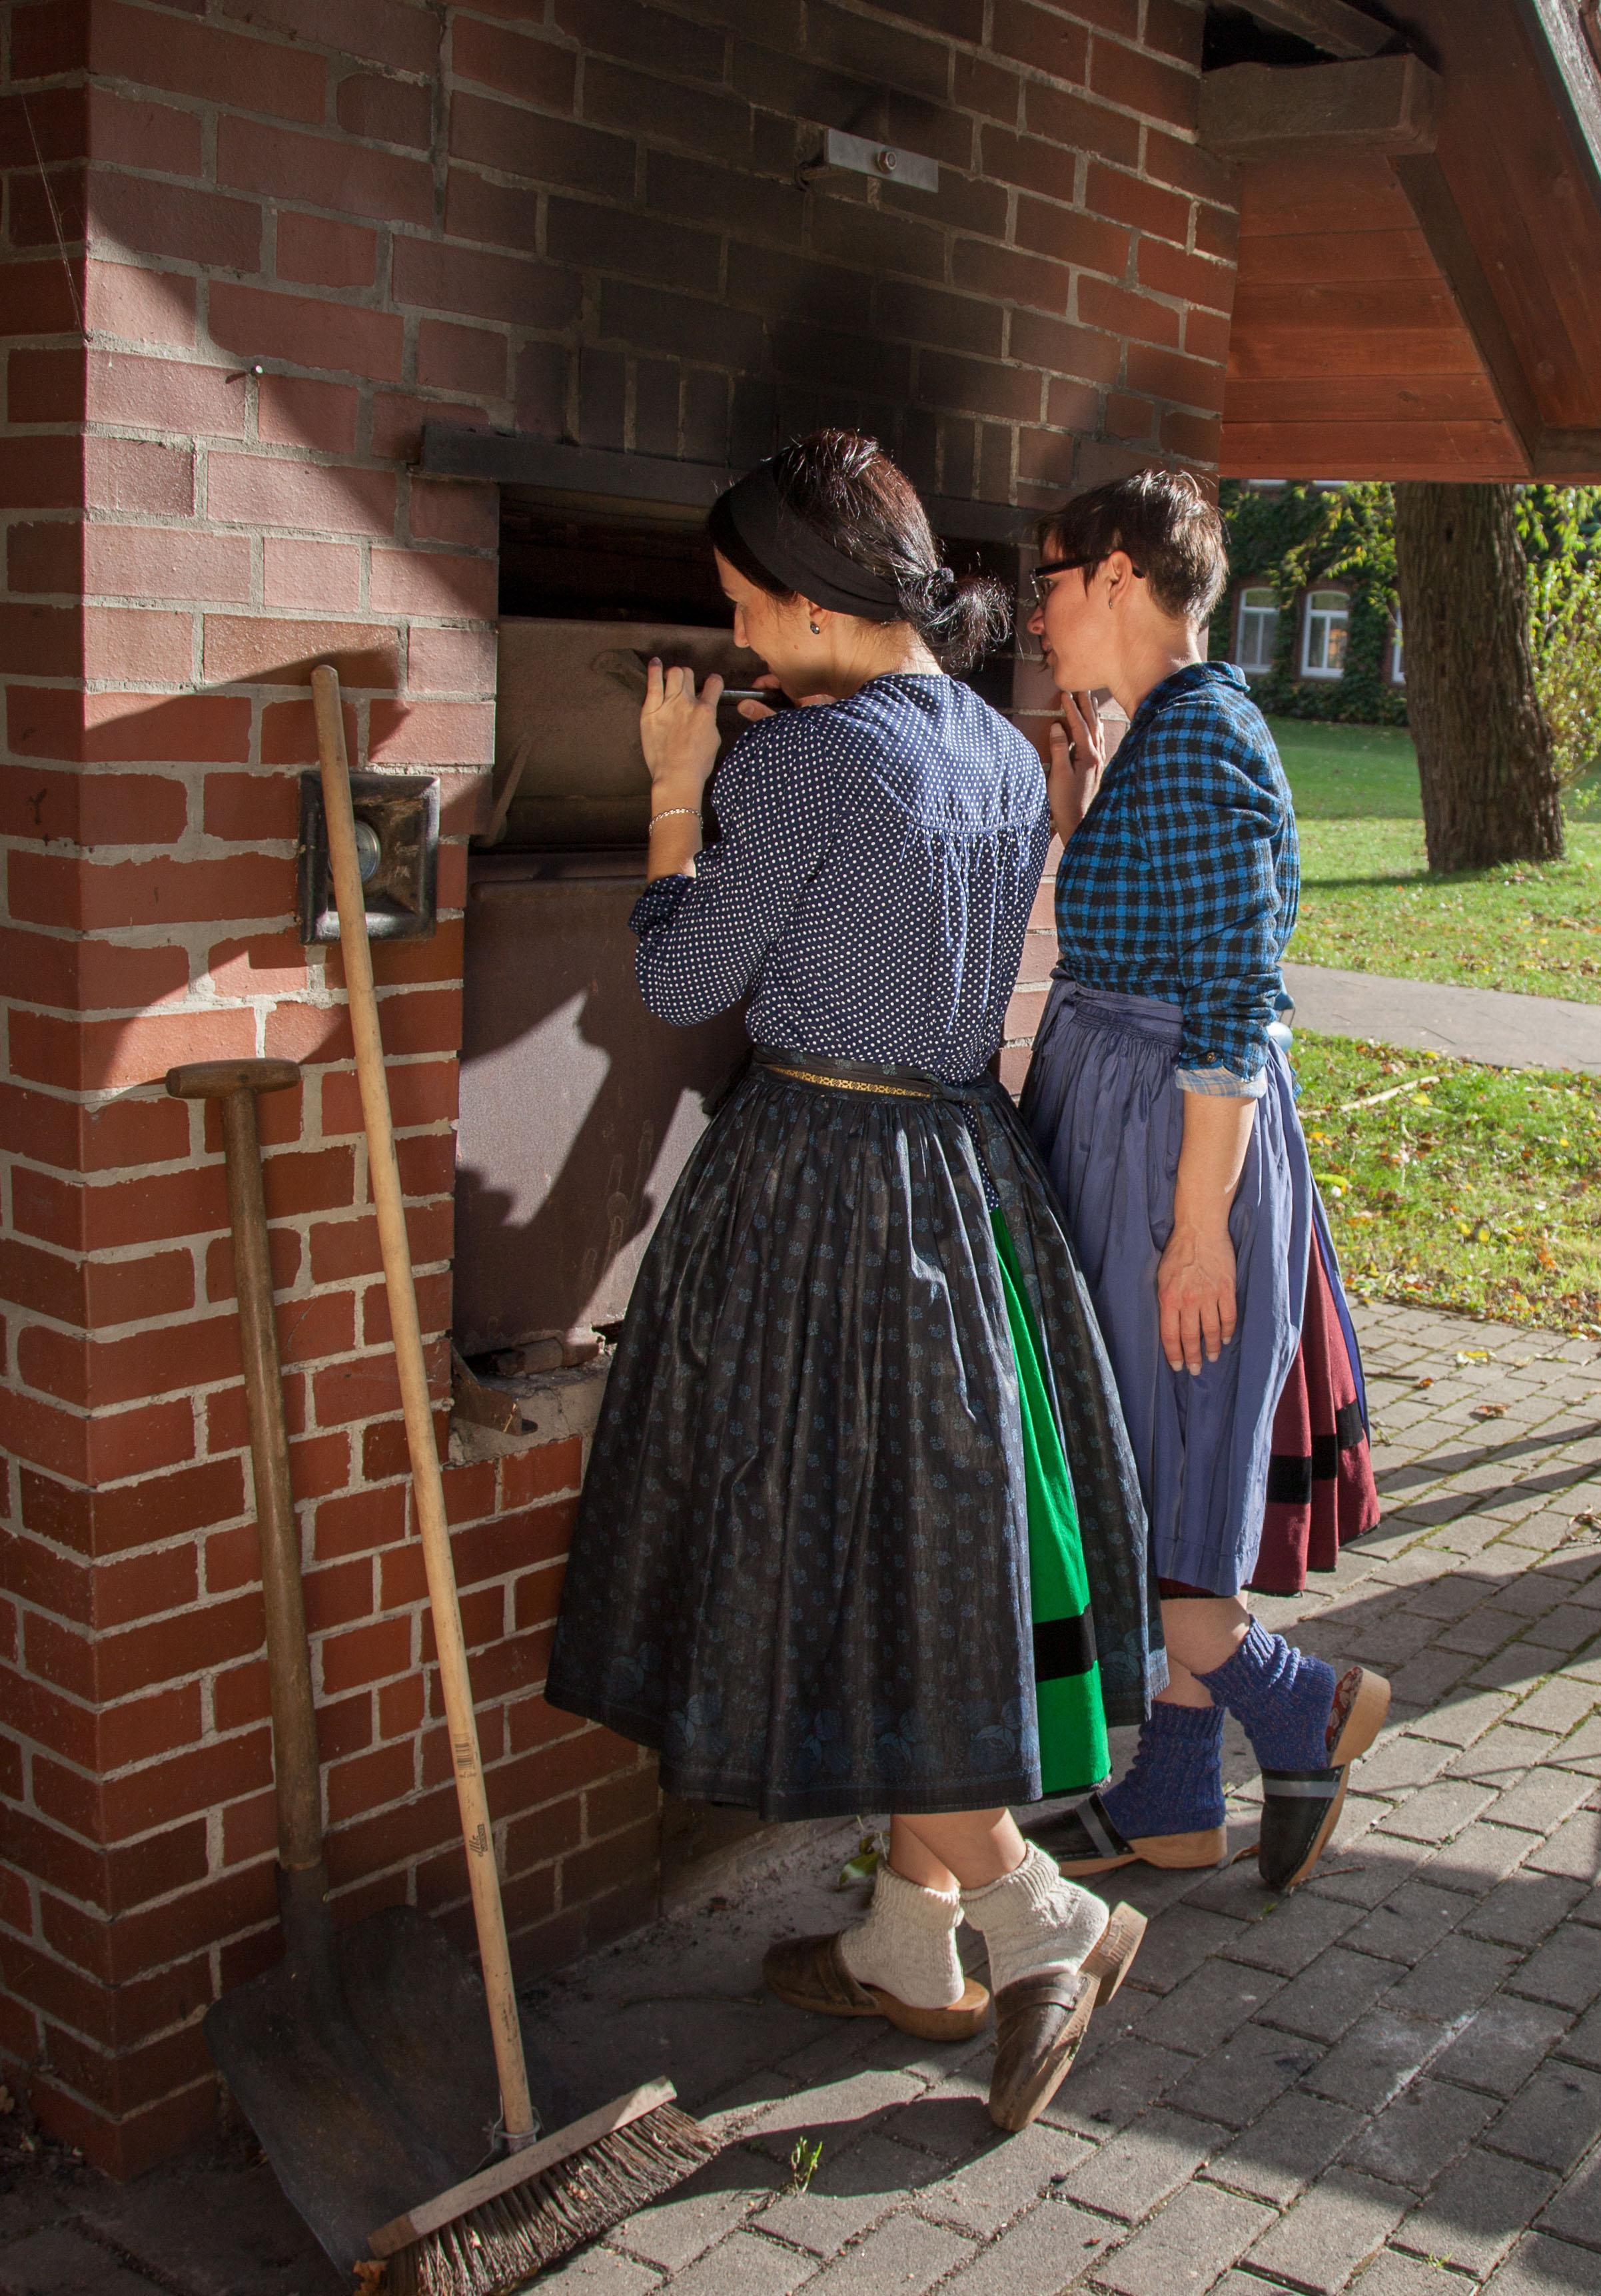 Fotoworkshop der Niedersorbischen Spachschule